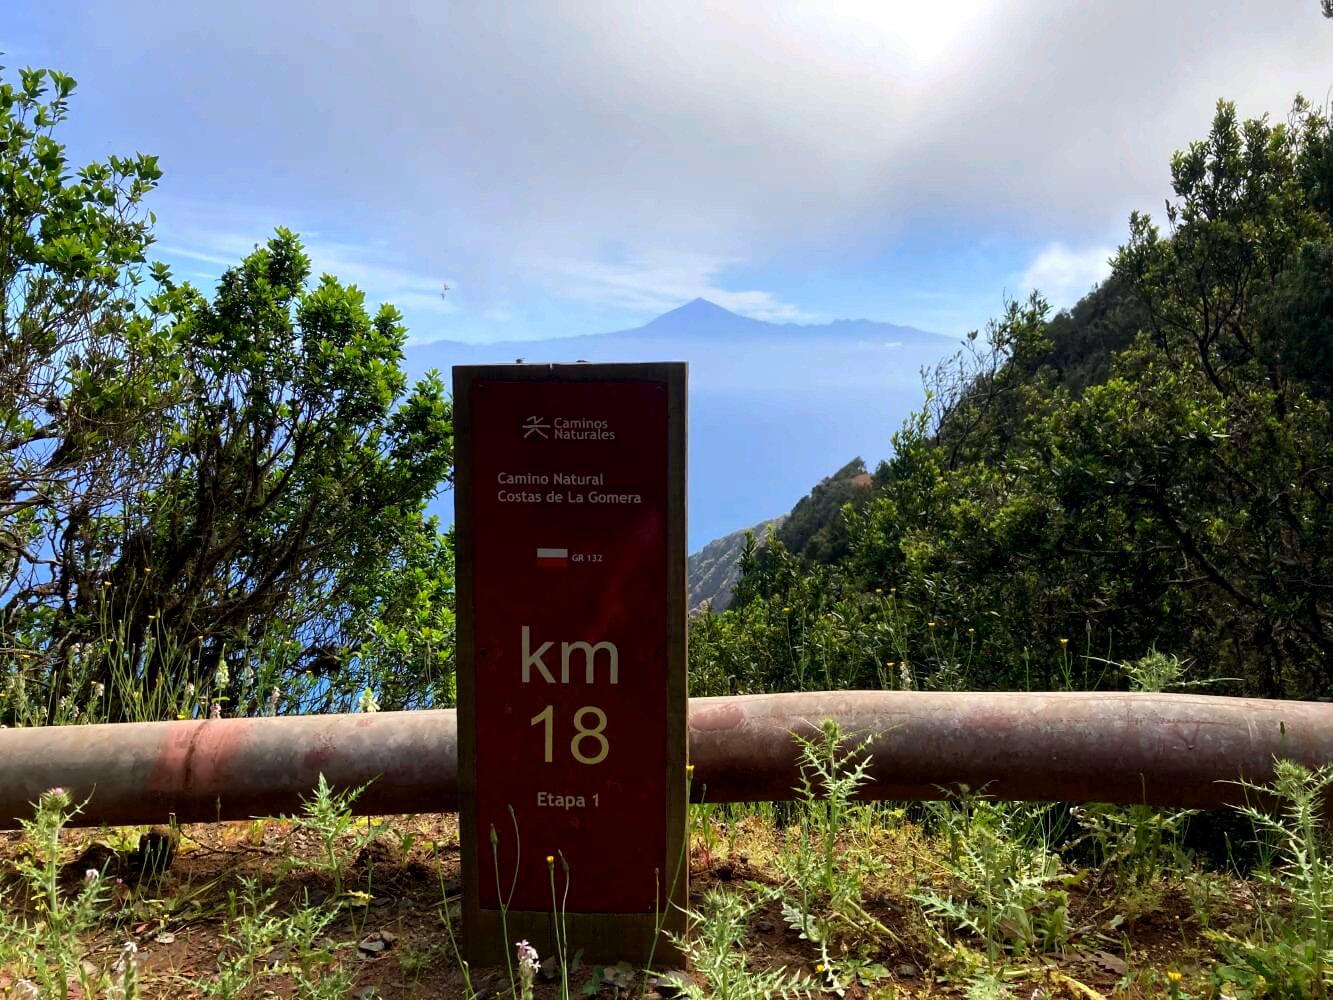 Markierung vom GR 132 in La Gomera.